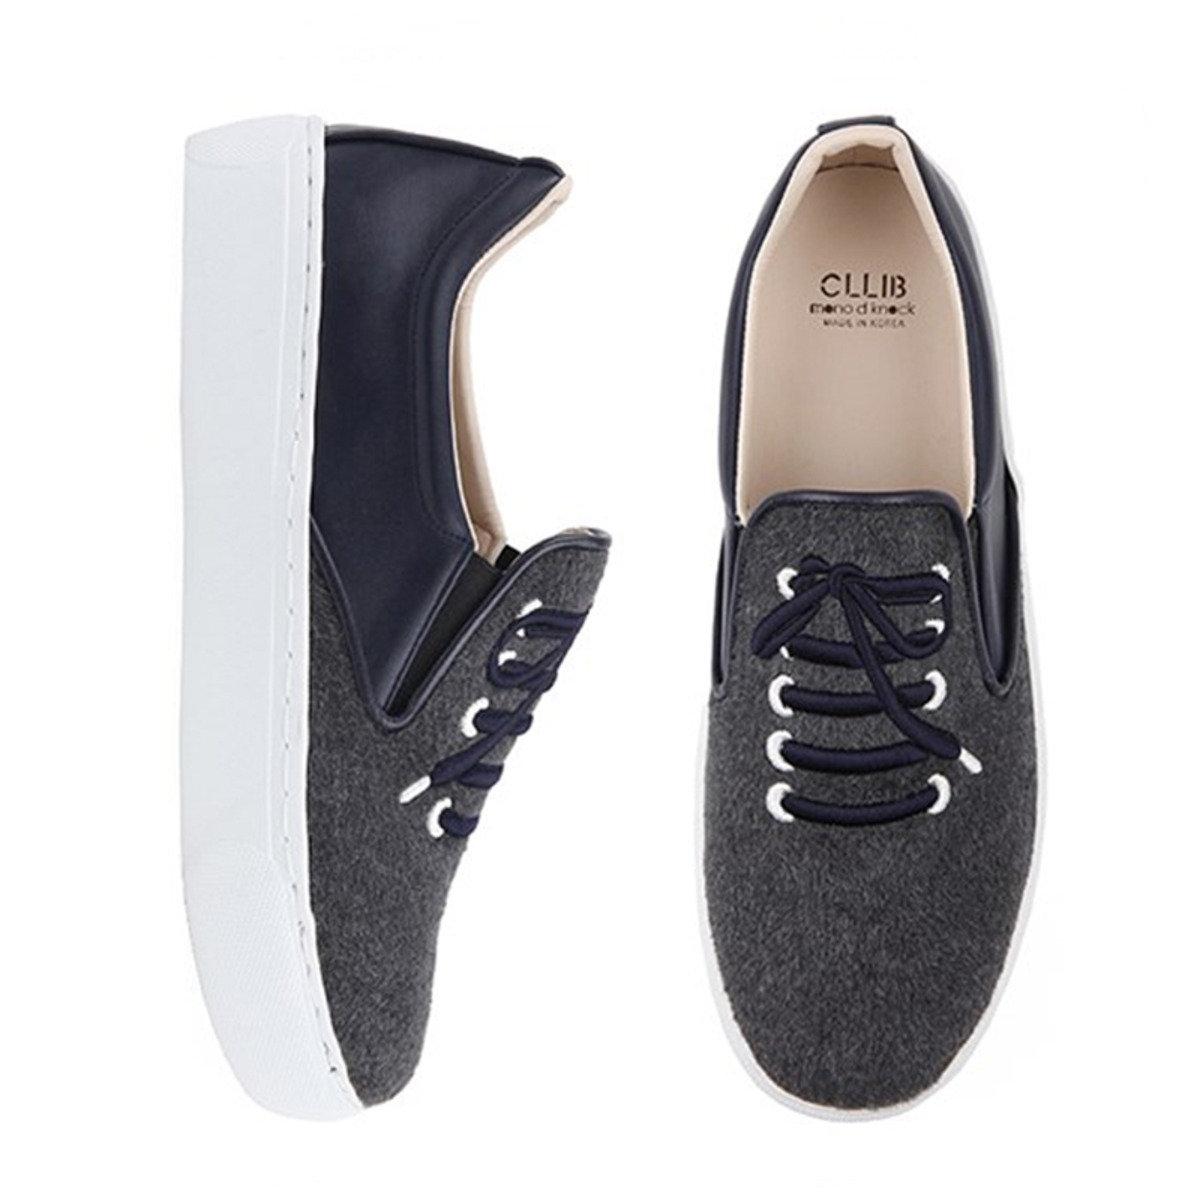 刺繡圖案厚底輕便鞋